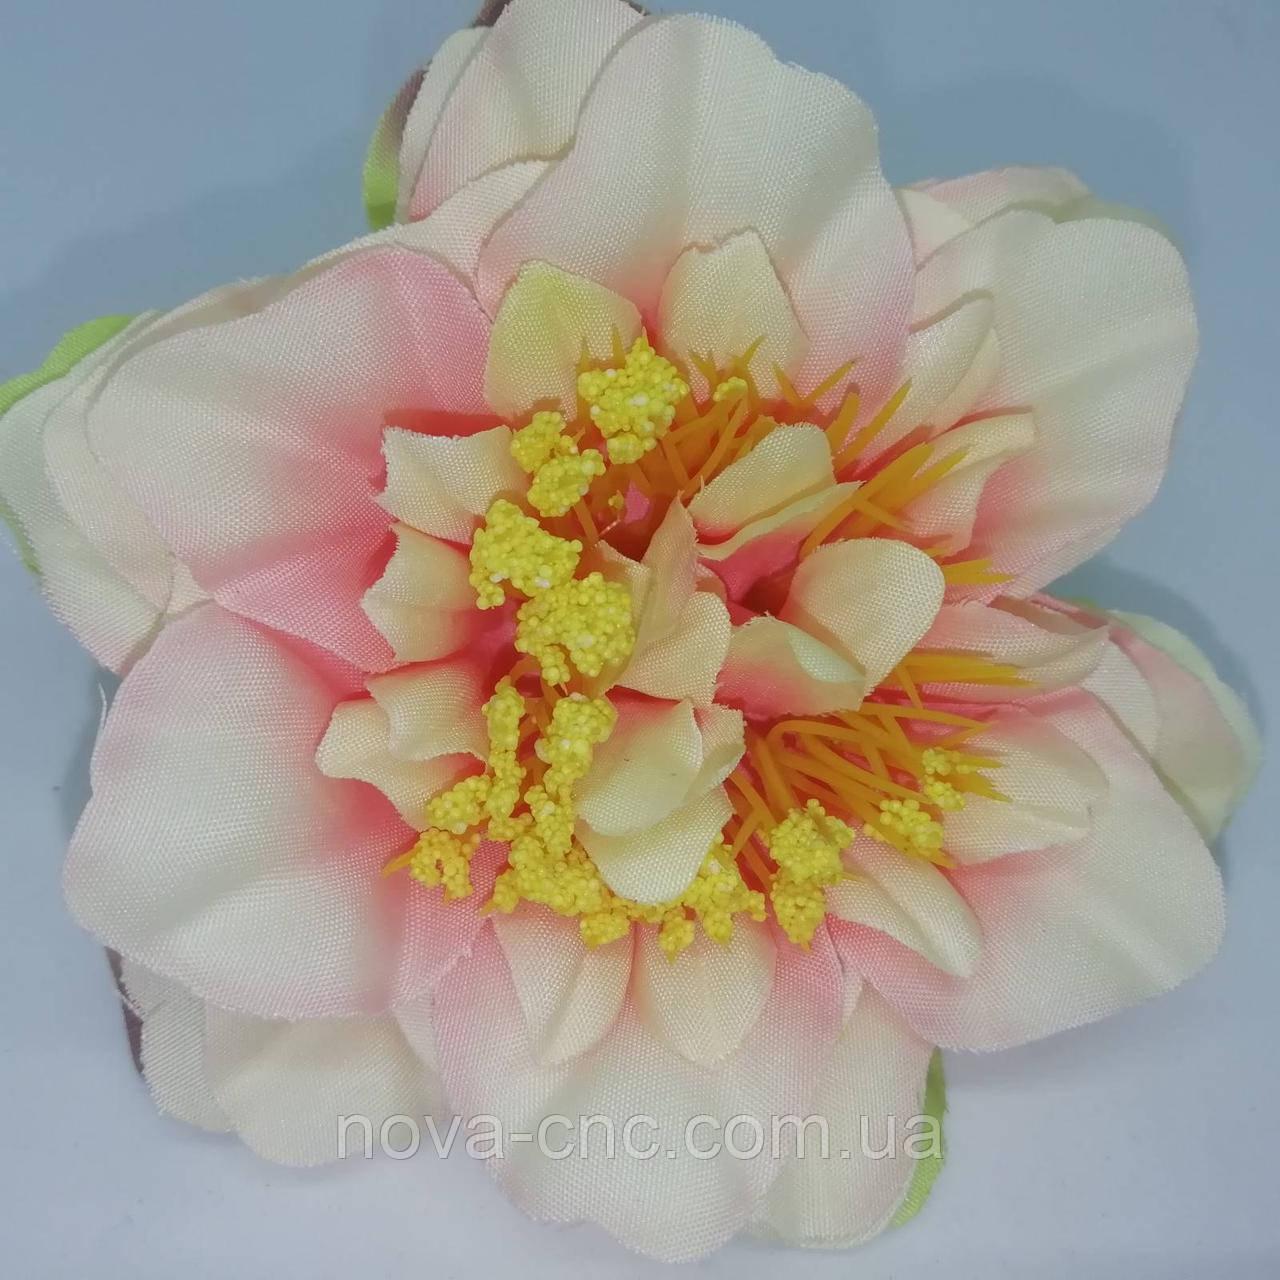 Цветок, тканевый кремово-розовый 9 см 15 шт в упаковке